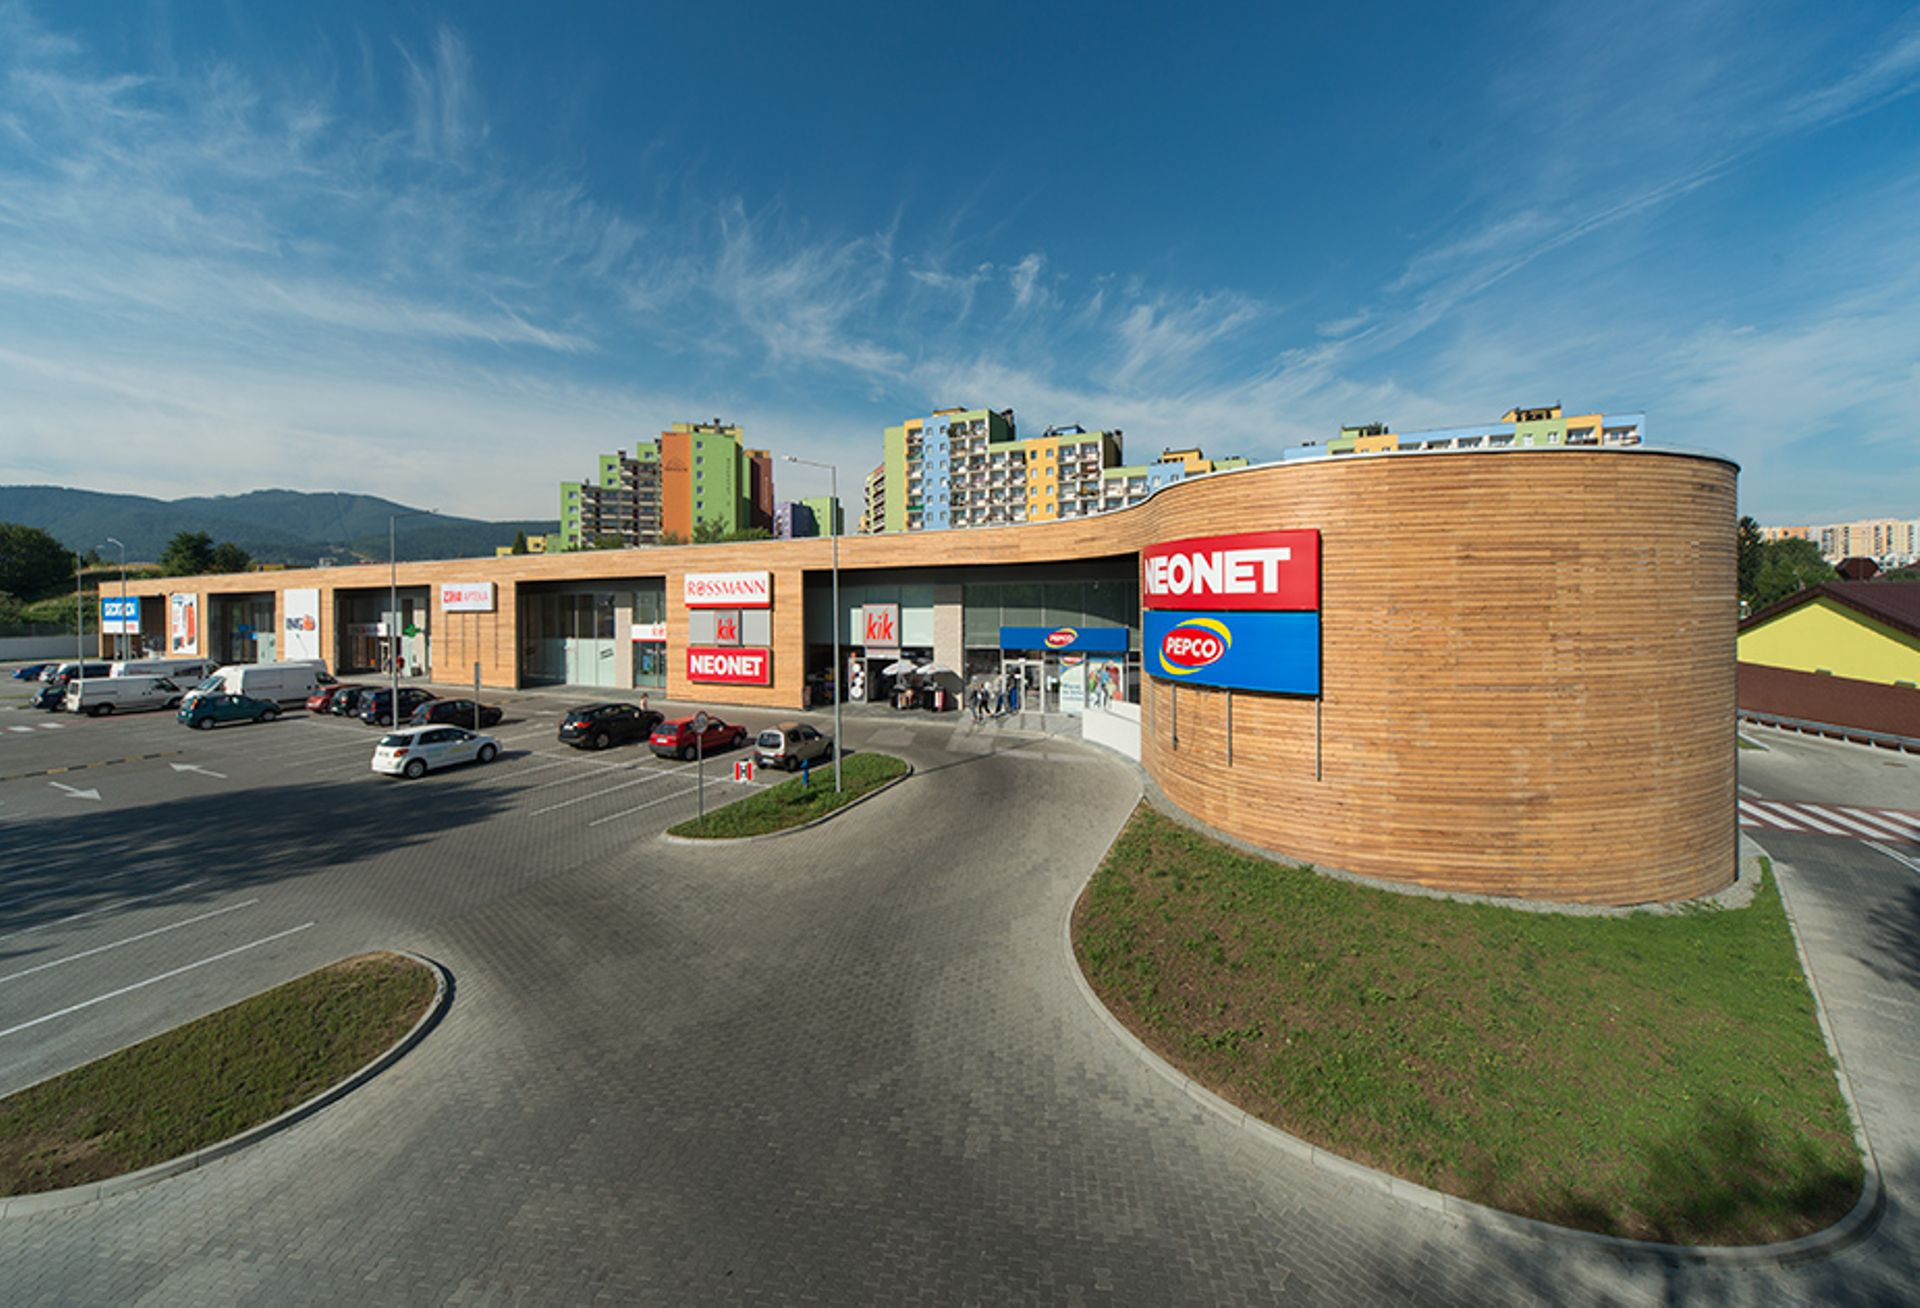 [śląskie] Galeria Retail Park Karpacka w Bielsku-Białej zyskuje nowego najemcę